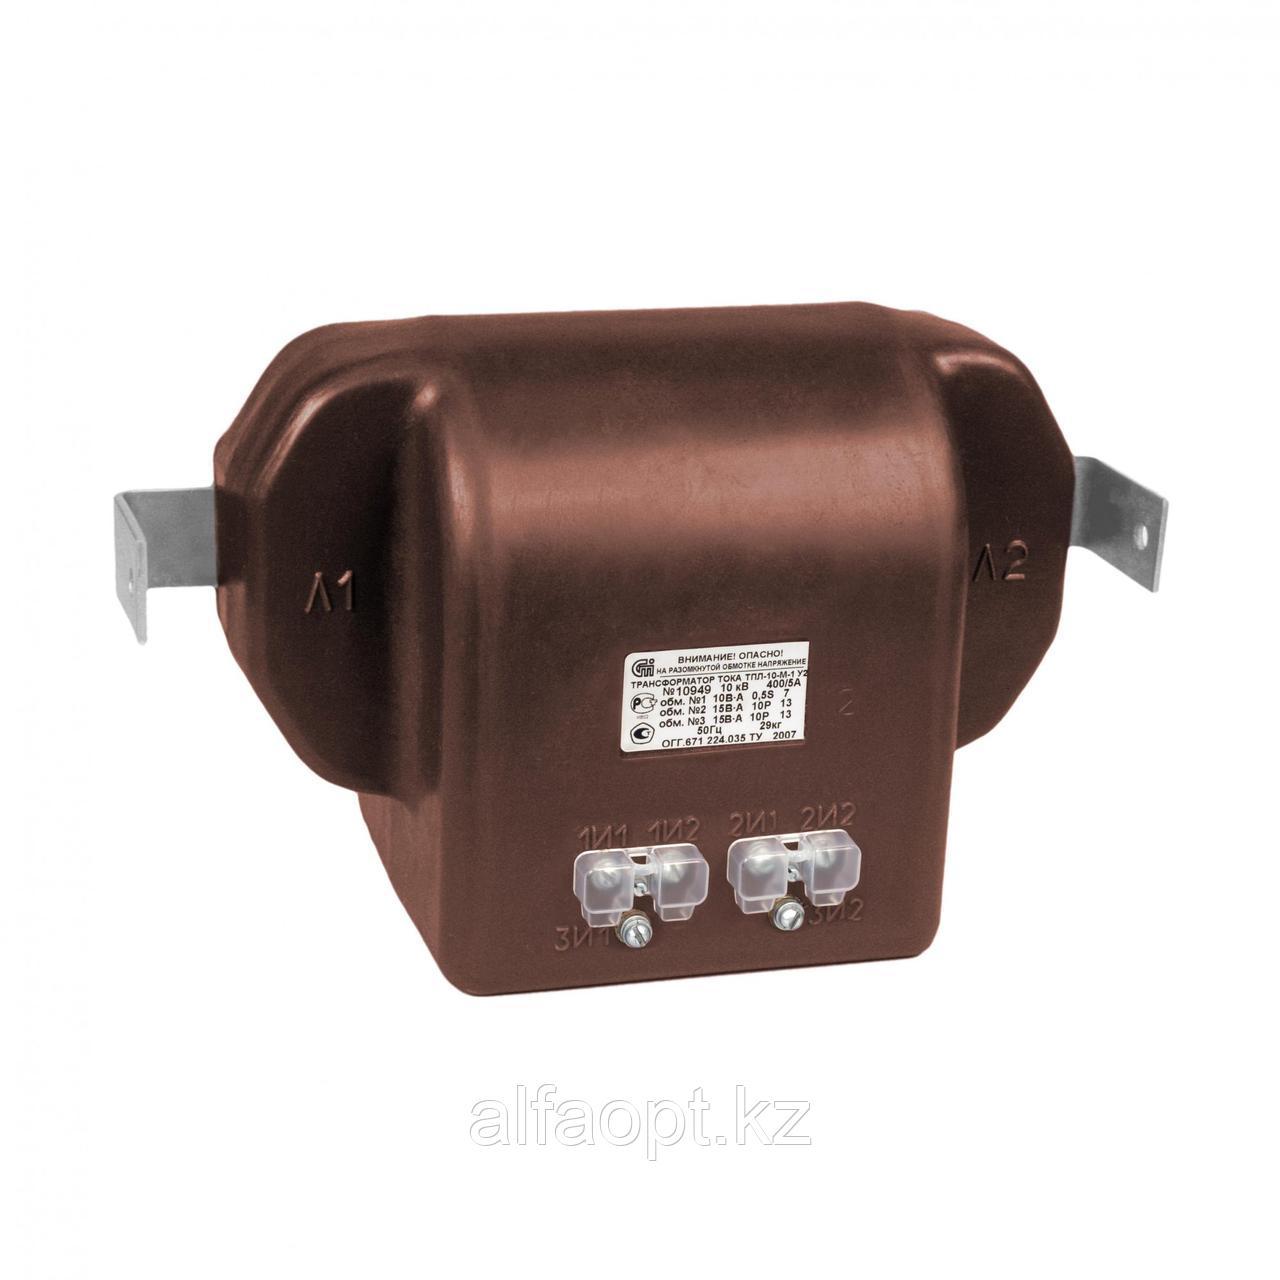 Проходной трансформатор тока ТПЛ-10-М-0,5/10Р-300/5 У2